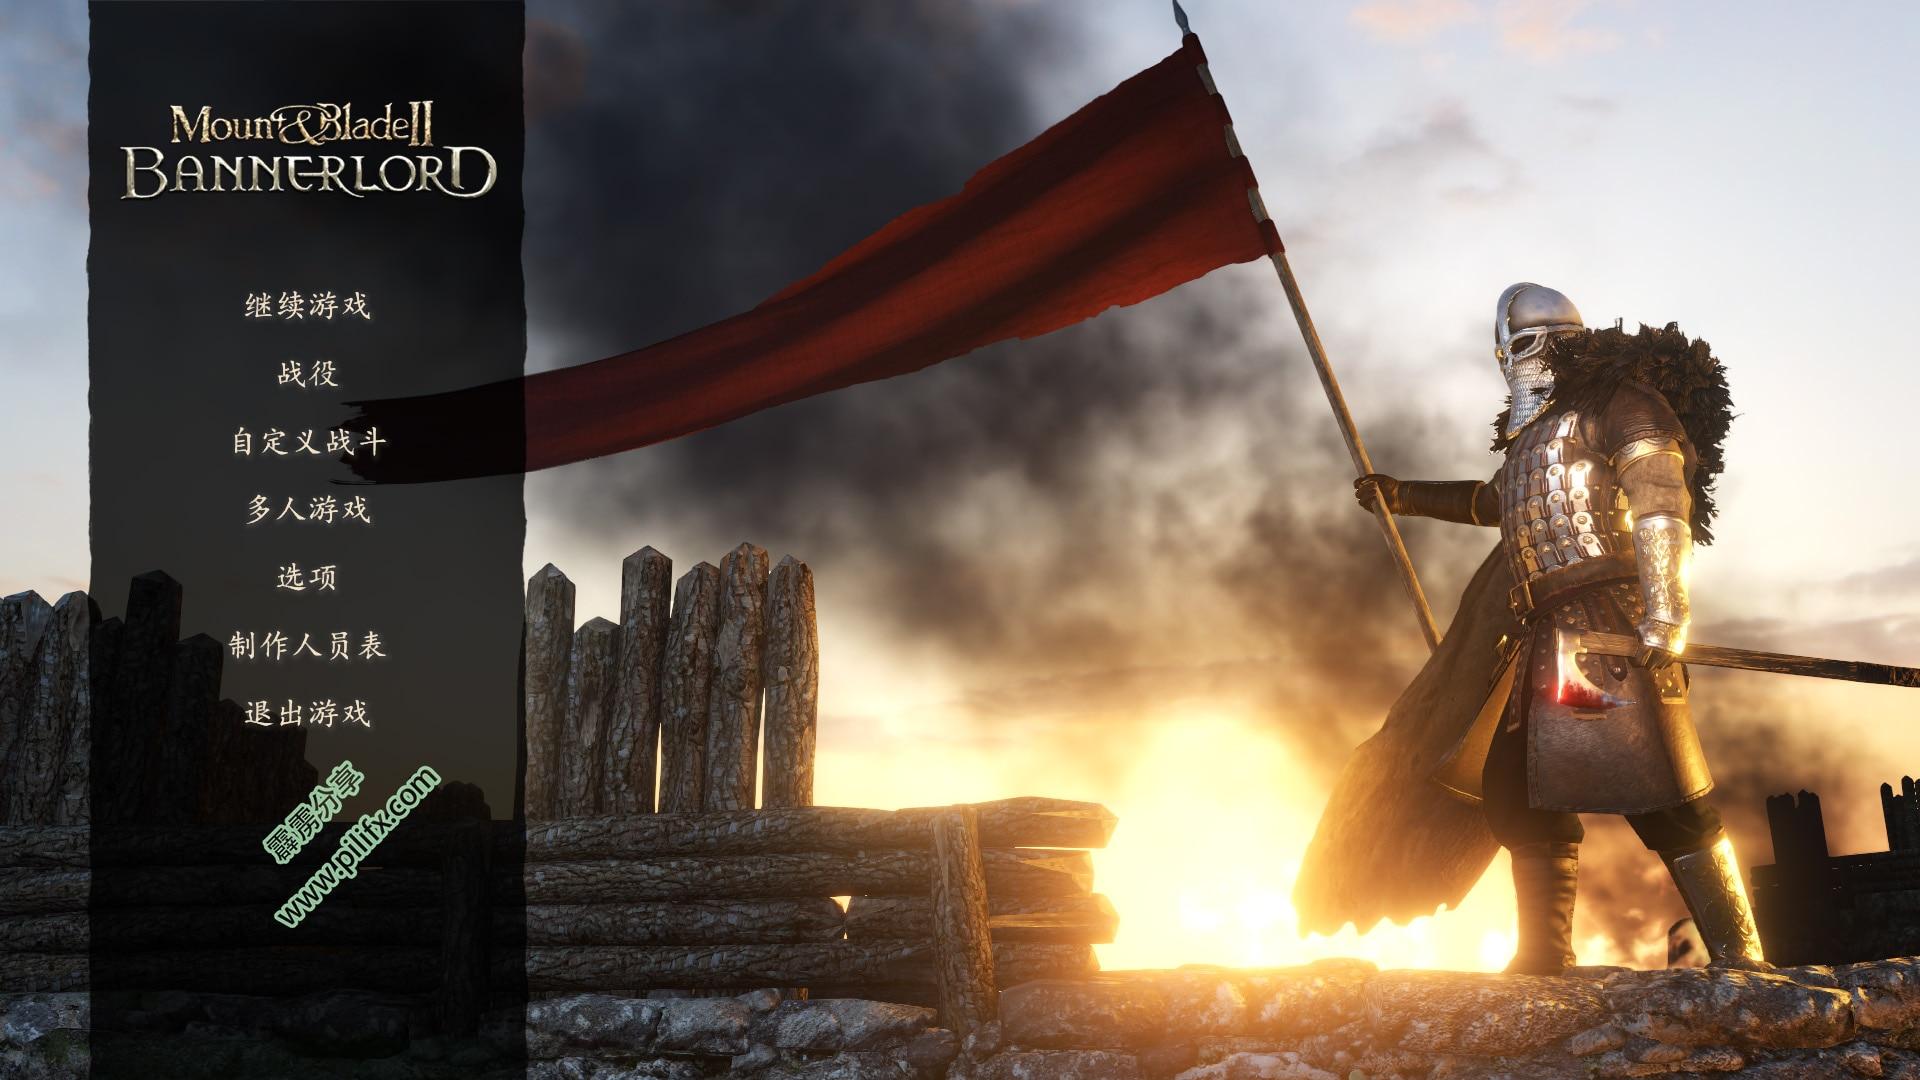 骑马与砍杀2:霸主破解版 更新1.0.10升级补丁和v10汉化补丁